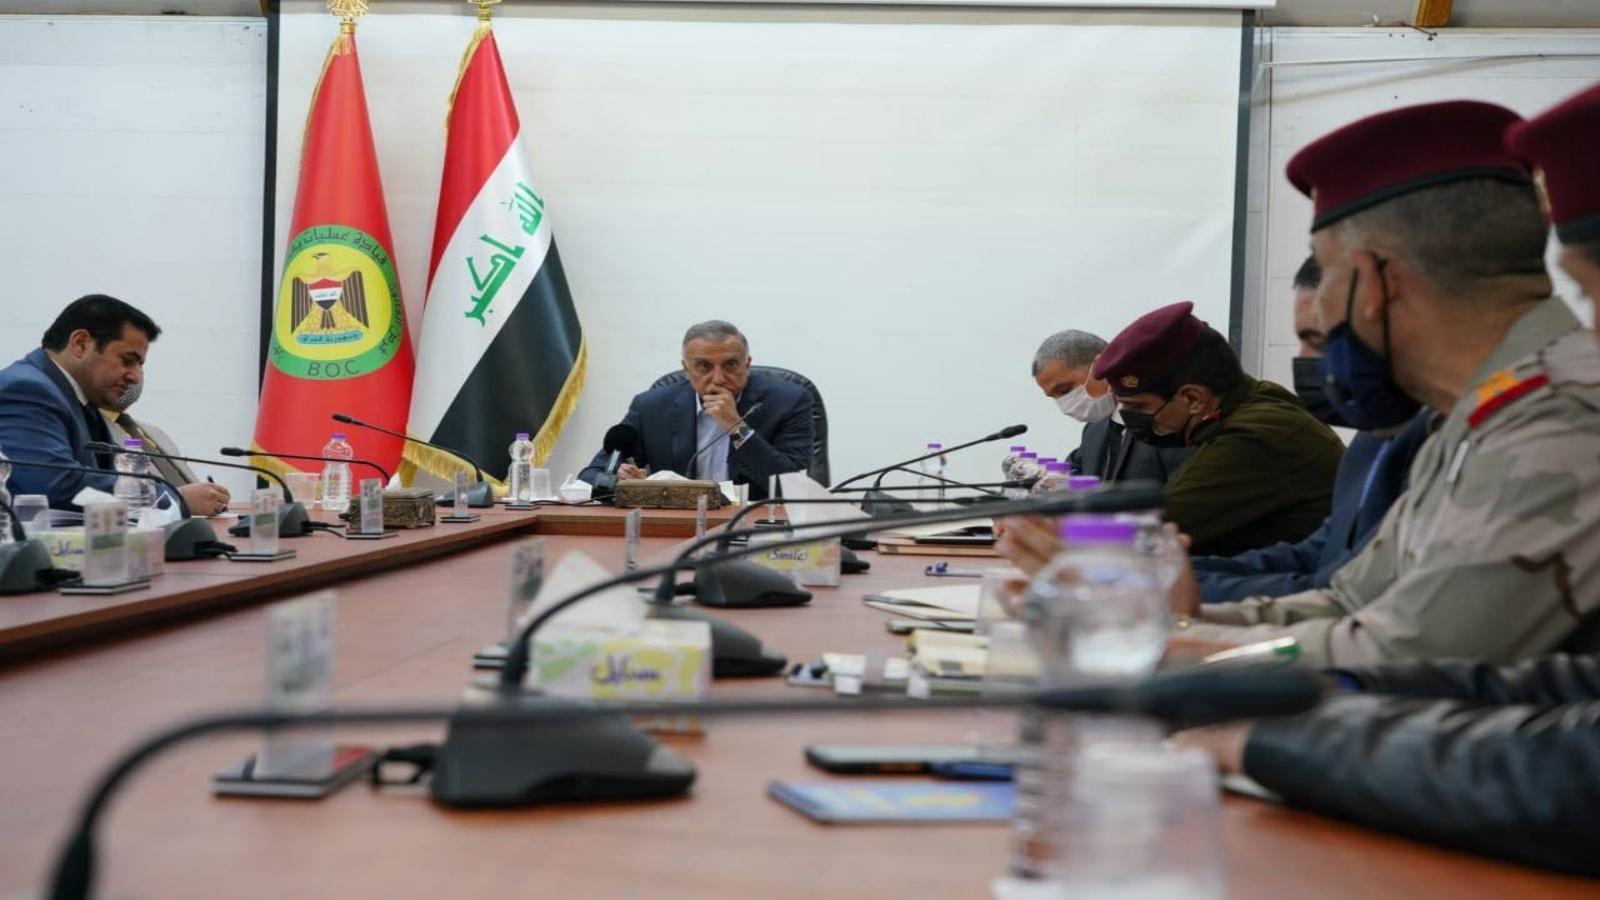 الكاظمي مترئسا اجتماعا للقيادات الامنية عقب تفجيري وسط بغداد الخميس